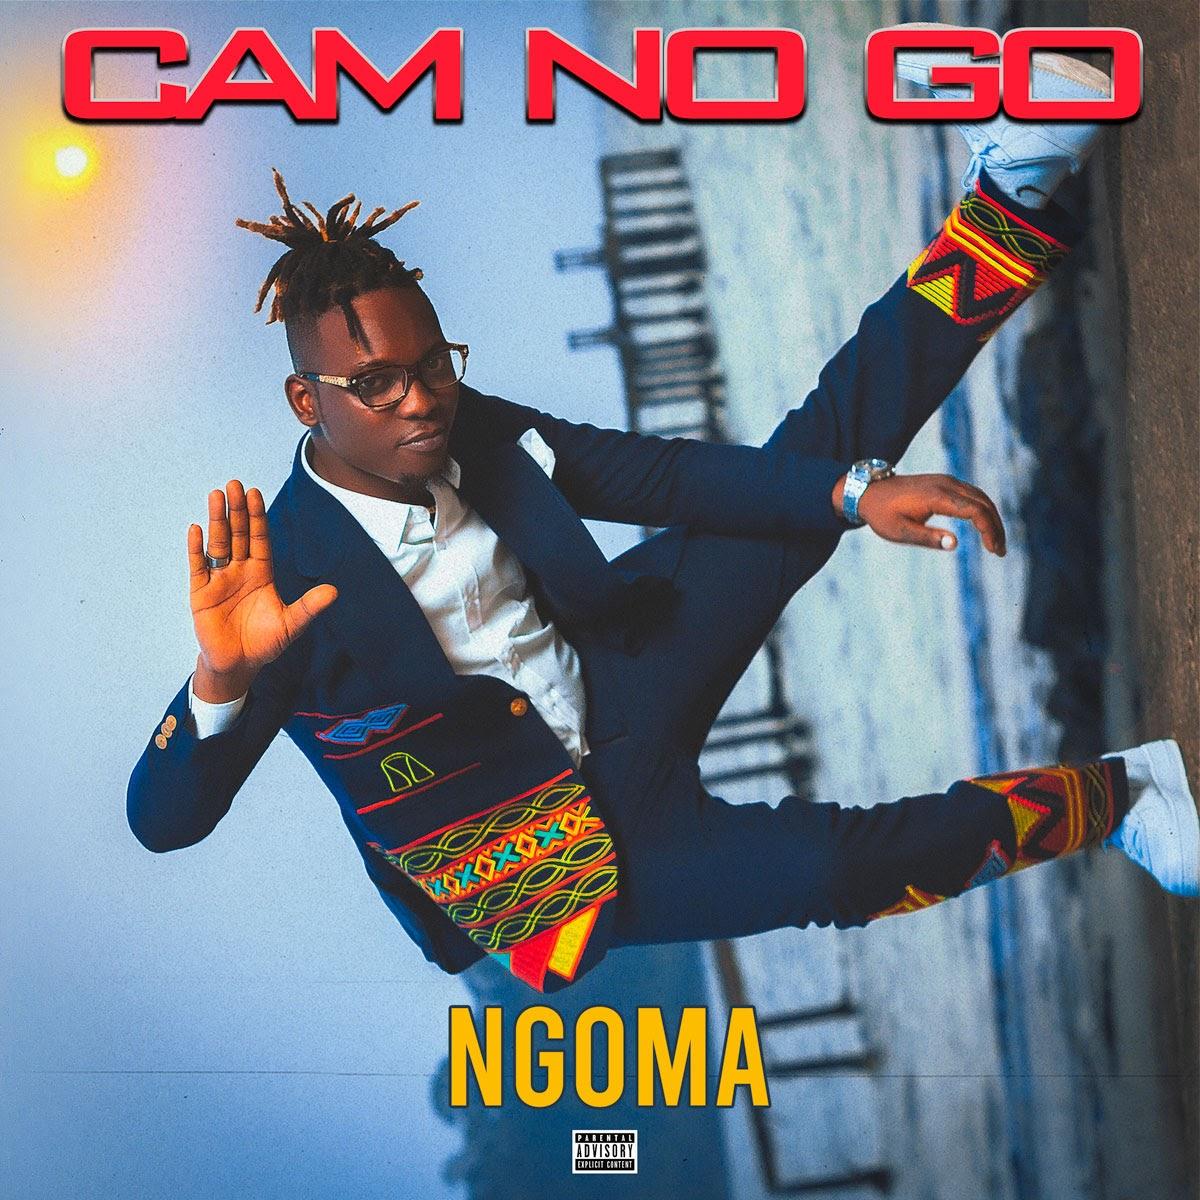 Ngoma – Cam No Go EP